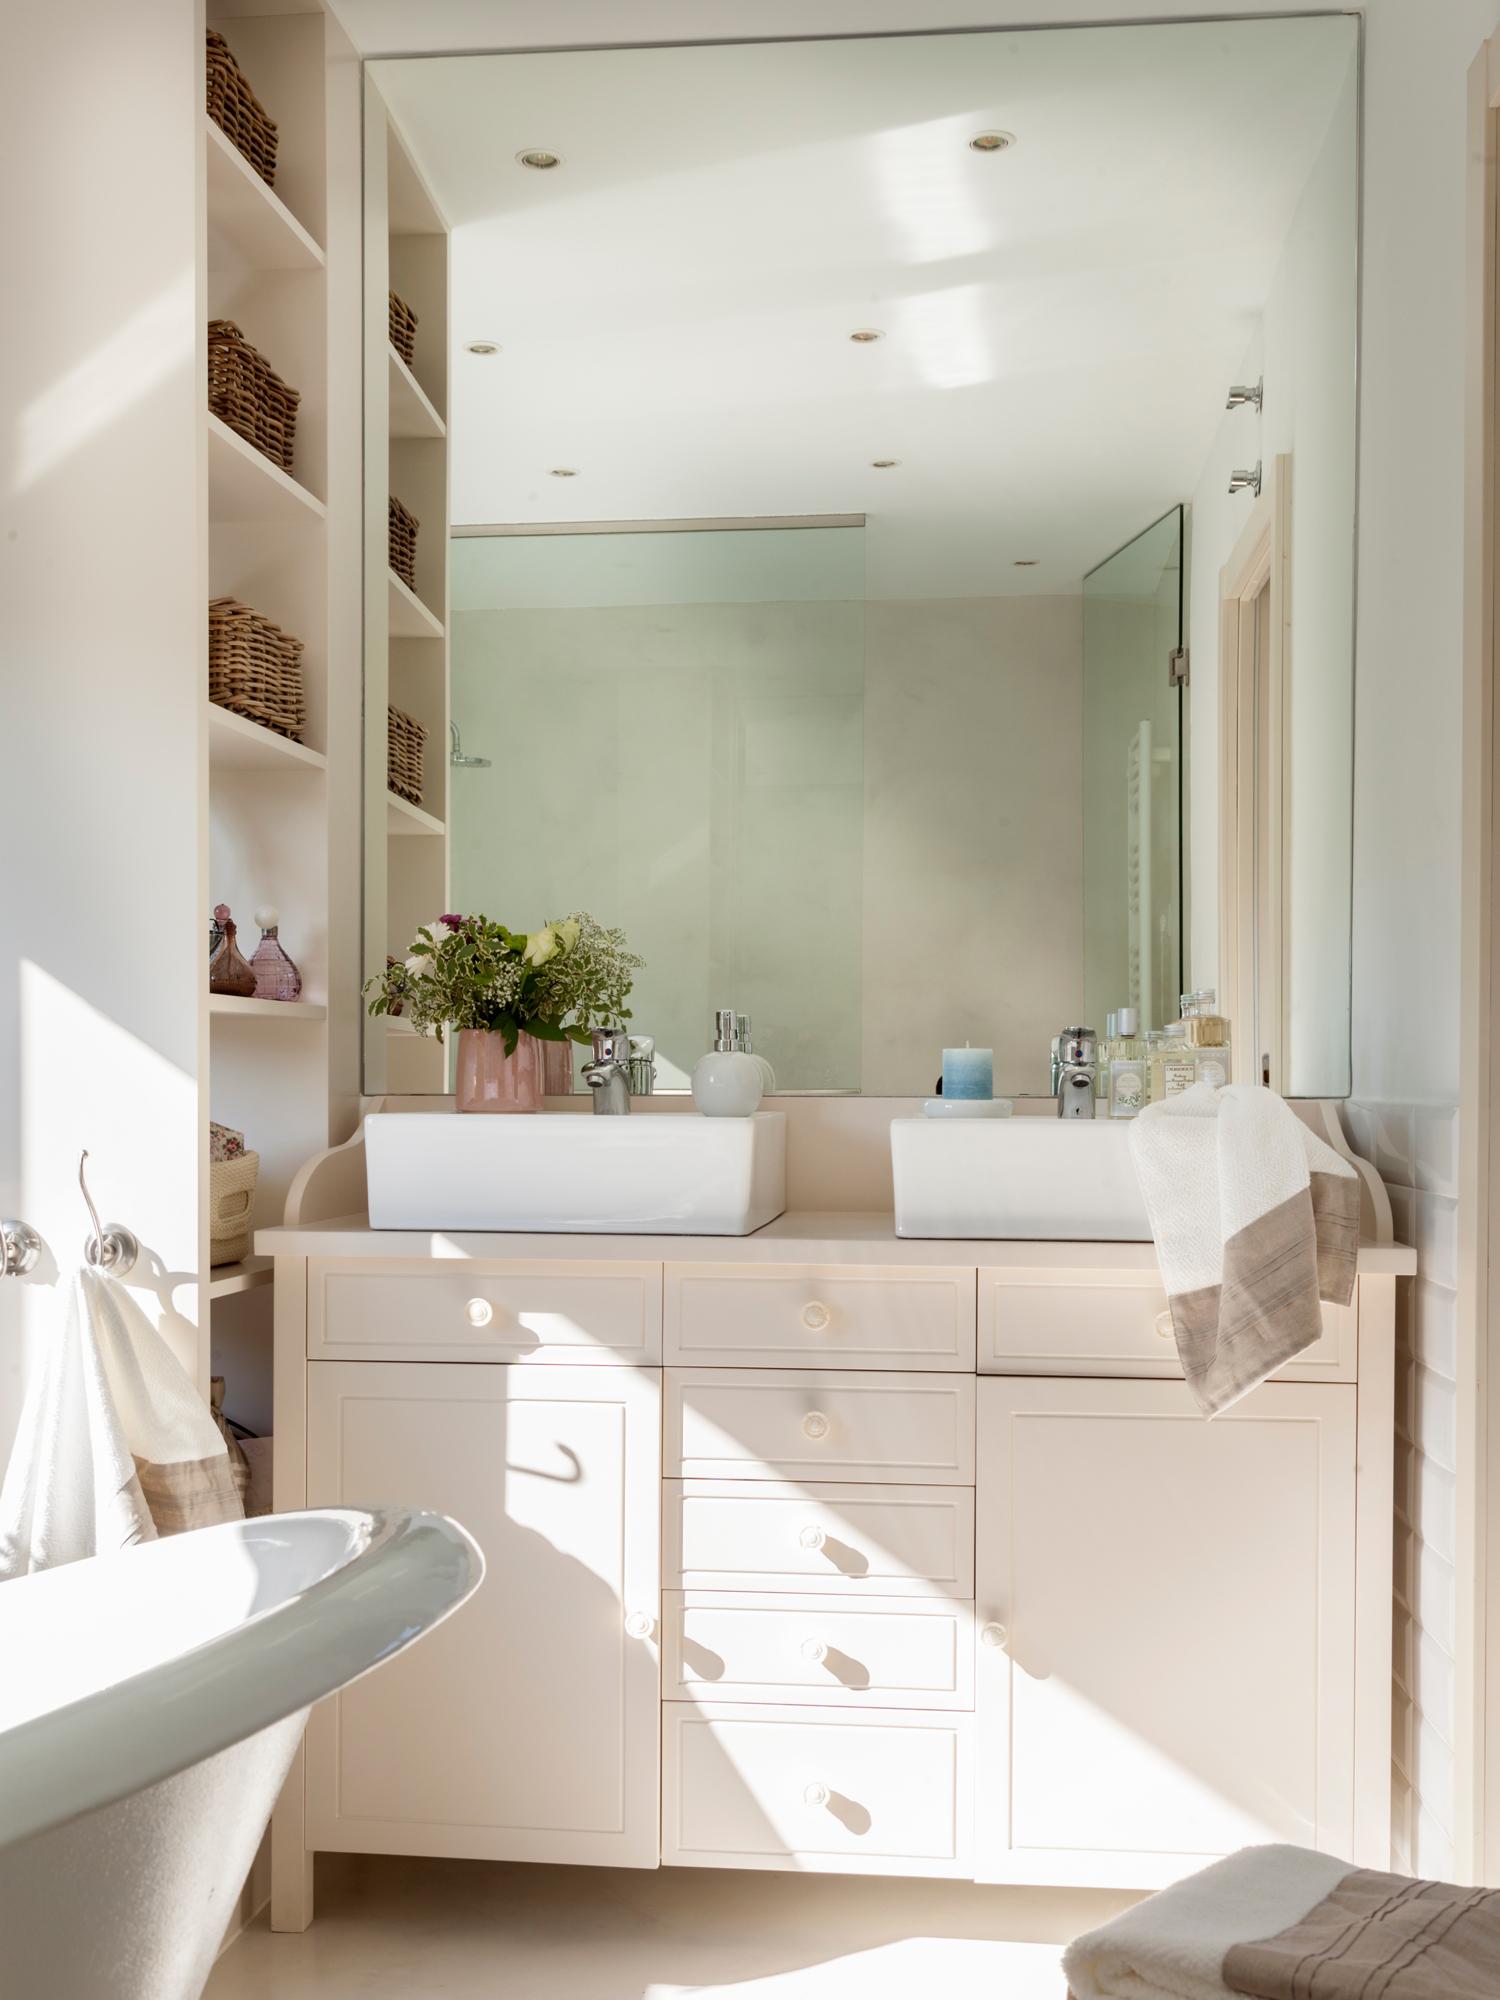 Muebles perfectos para ba os peque os - Estantes para interior ducha ...